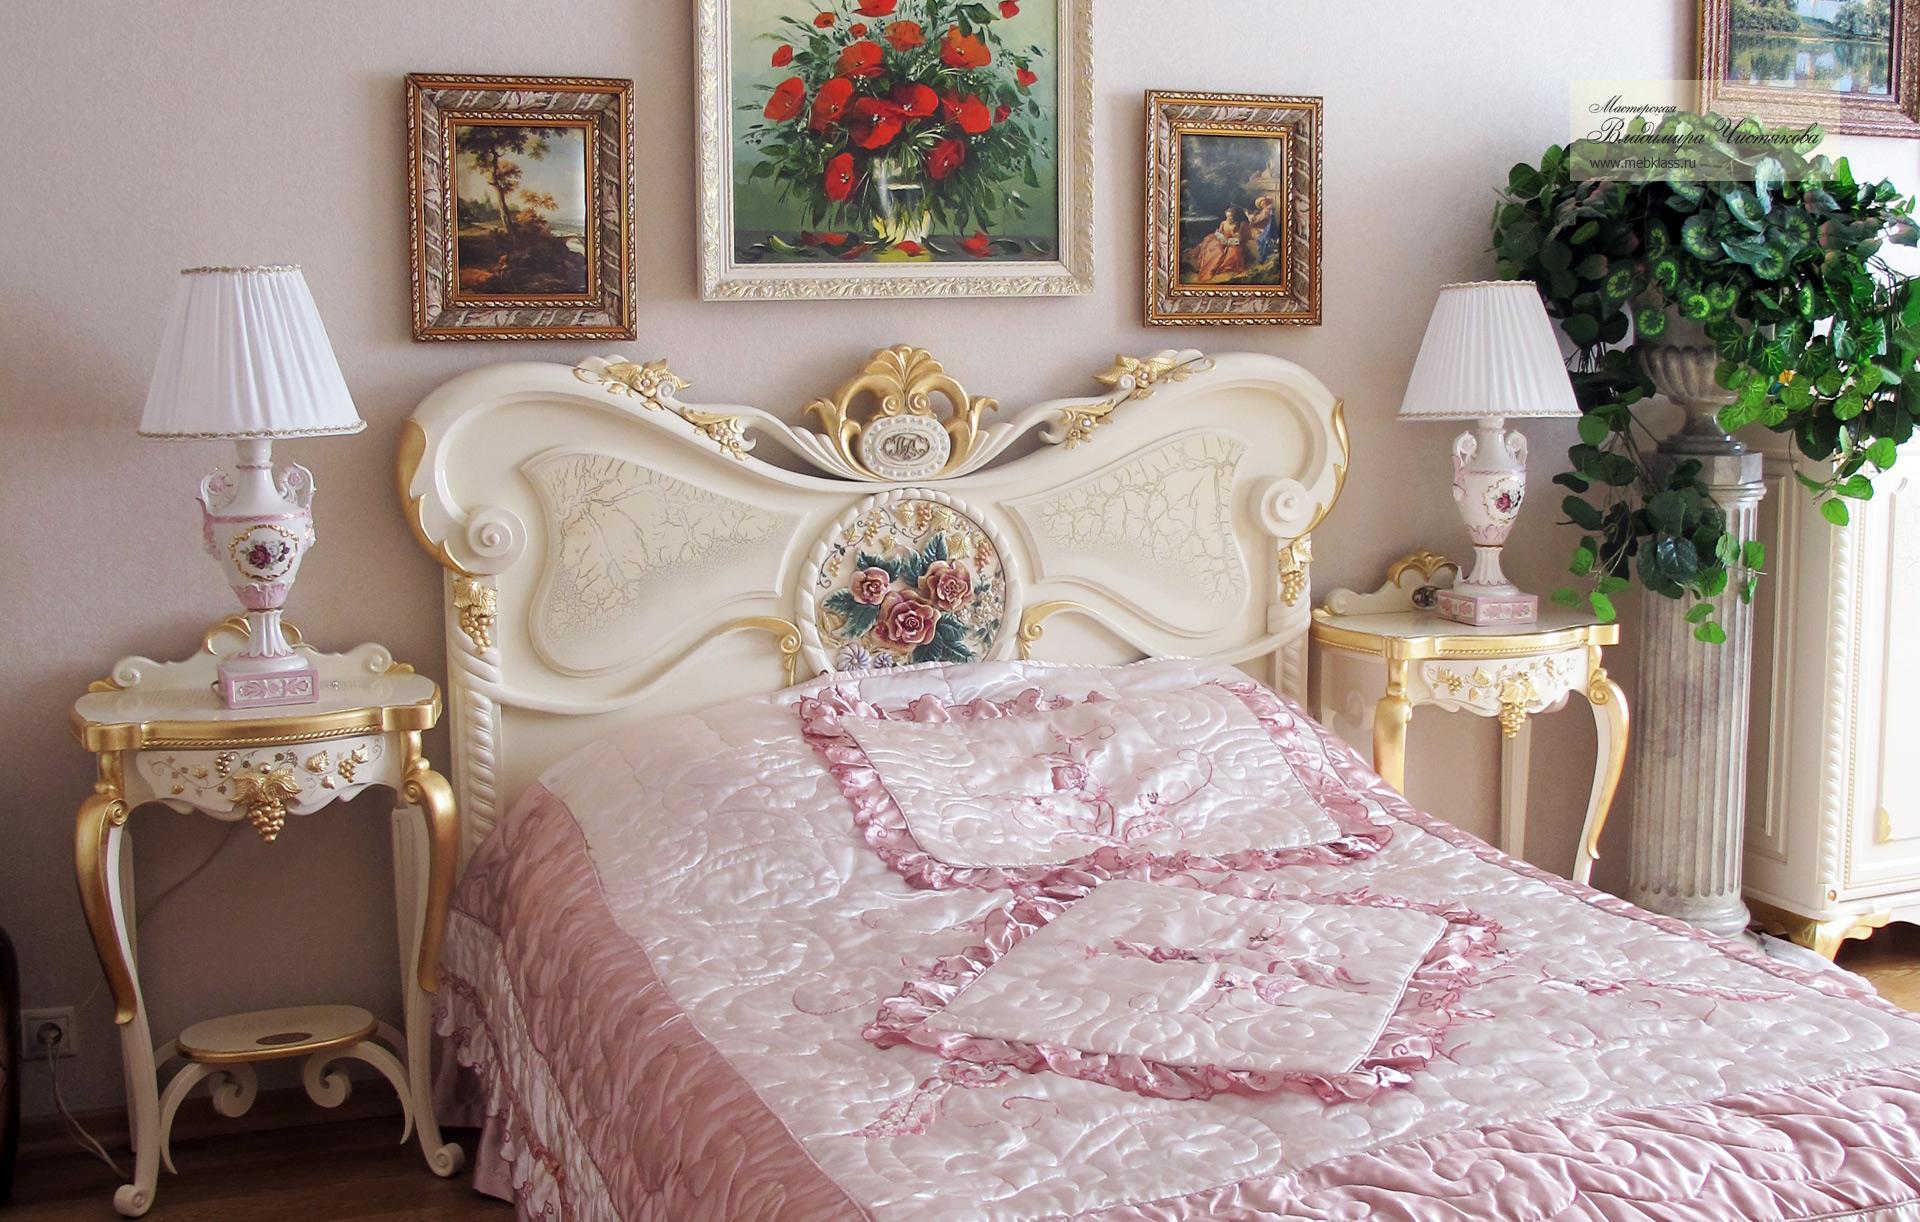 Резная кровать в классическом стиле со столиками для ночников: белая краска, резные узоры, золотая поталь